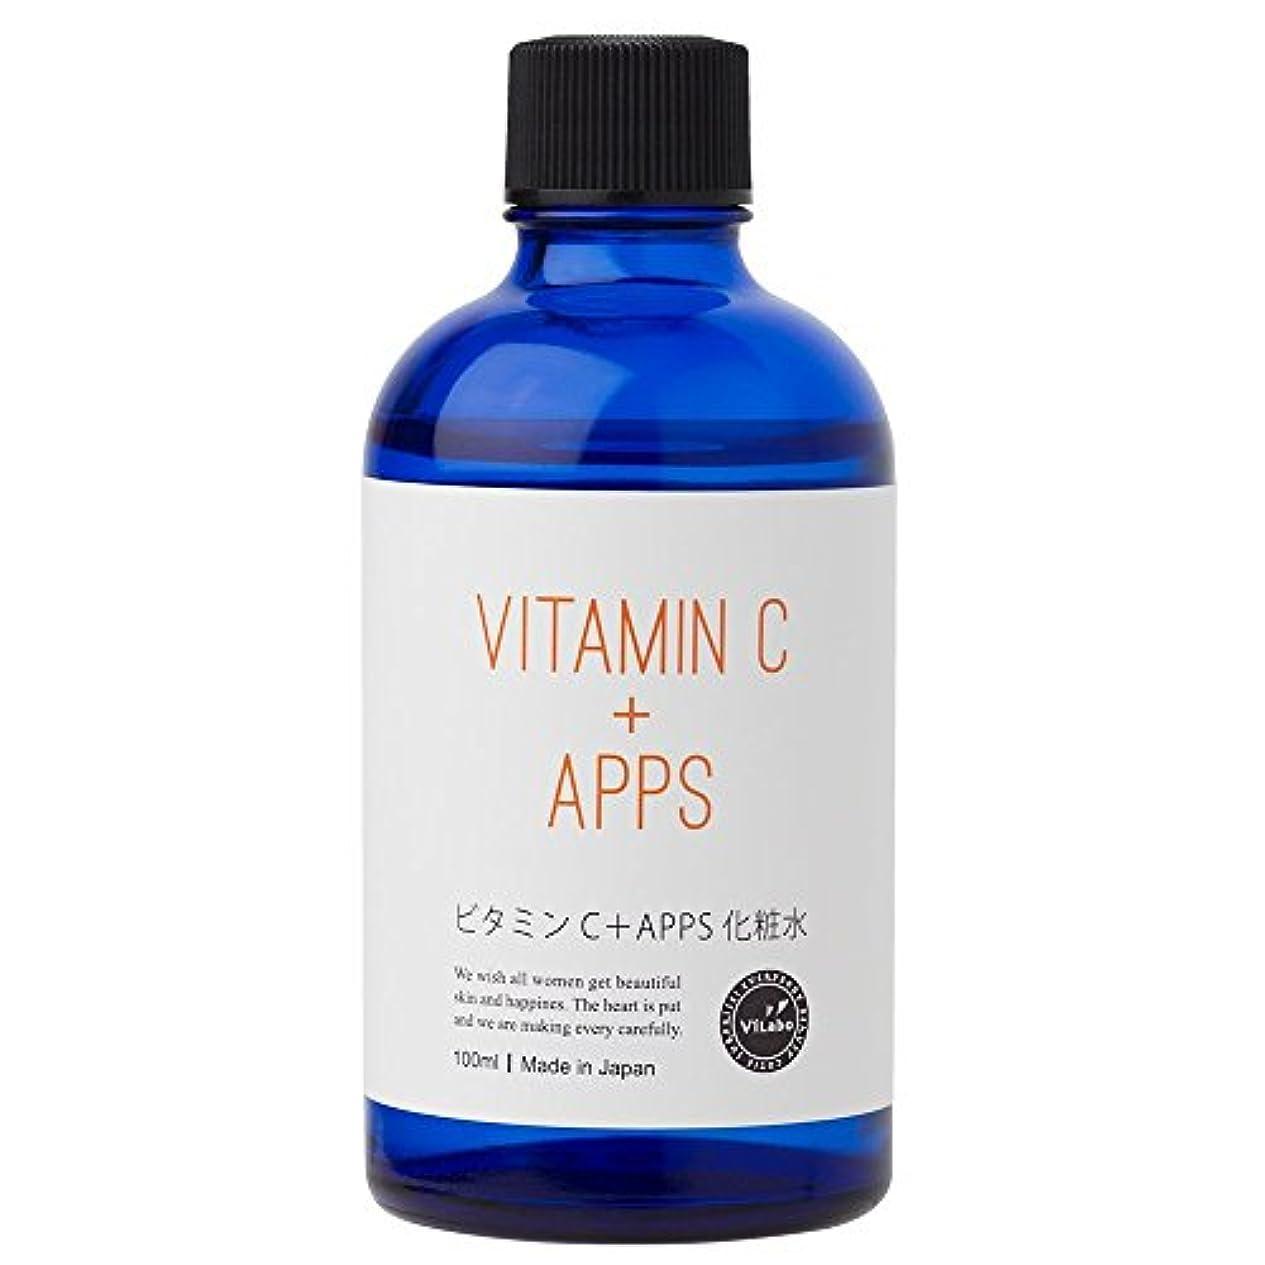 暗くする葬儀このViLabo APPS+天然ビタミンC化粧水 (ハッピーローションV)100ml 通常ボトル ビラボ